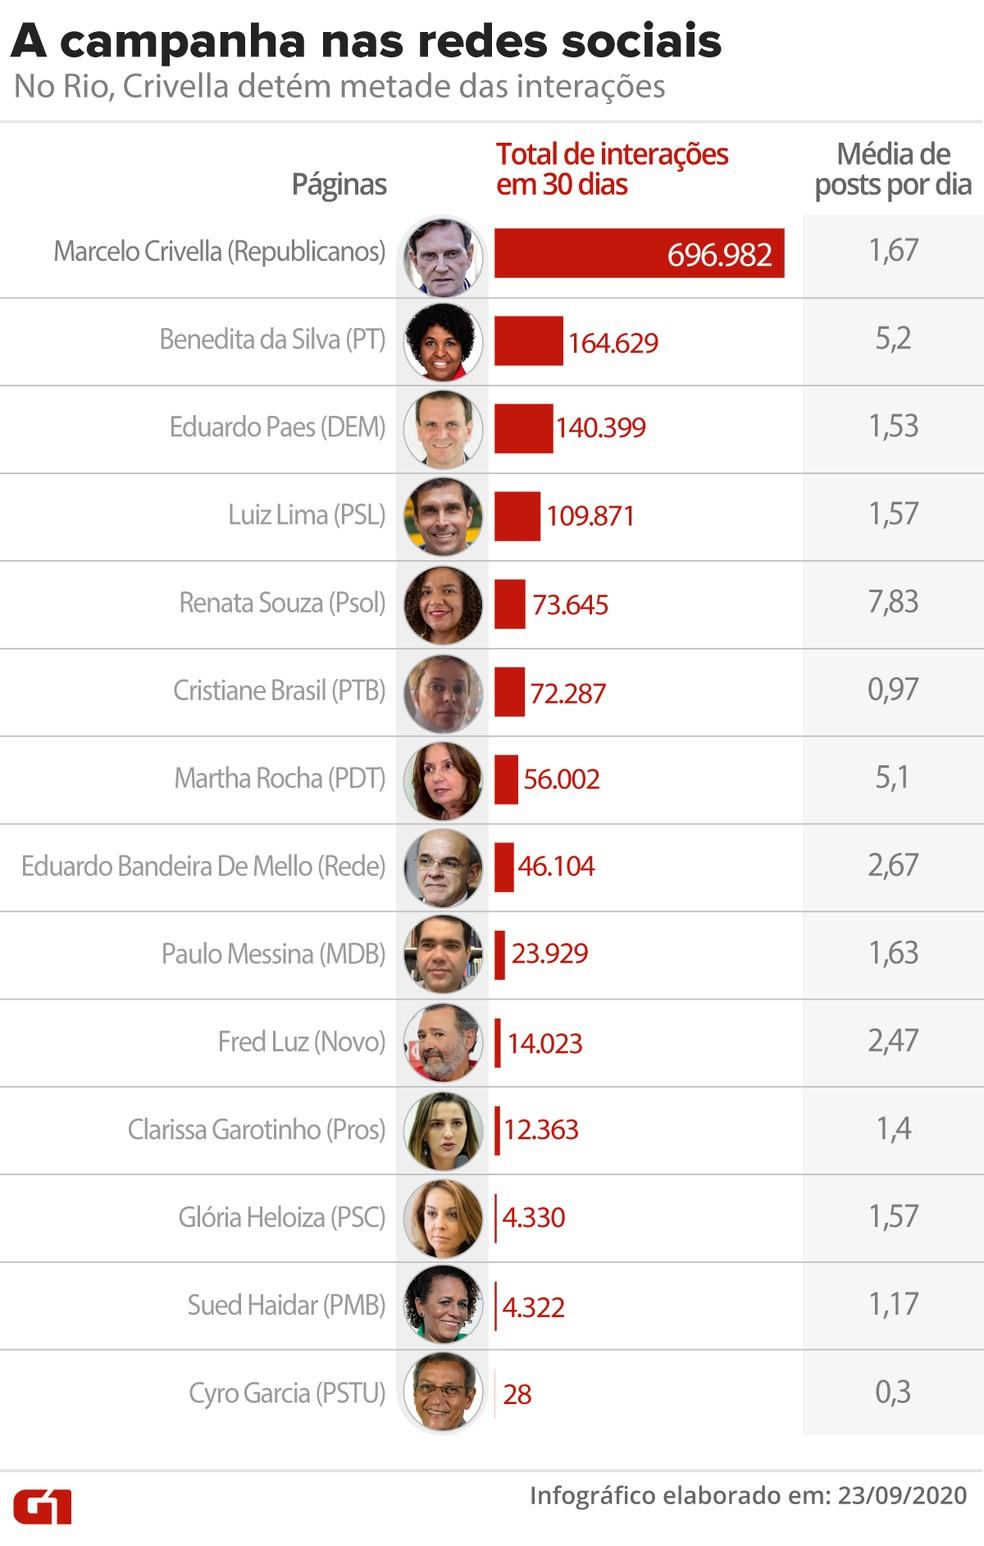 Candidatos do Rio somam 1,4 milhão de interações no último mês — Foto: Aparecido Gonçalves/G1